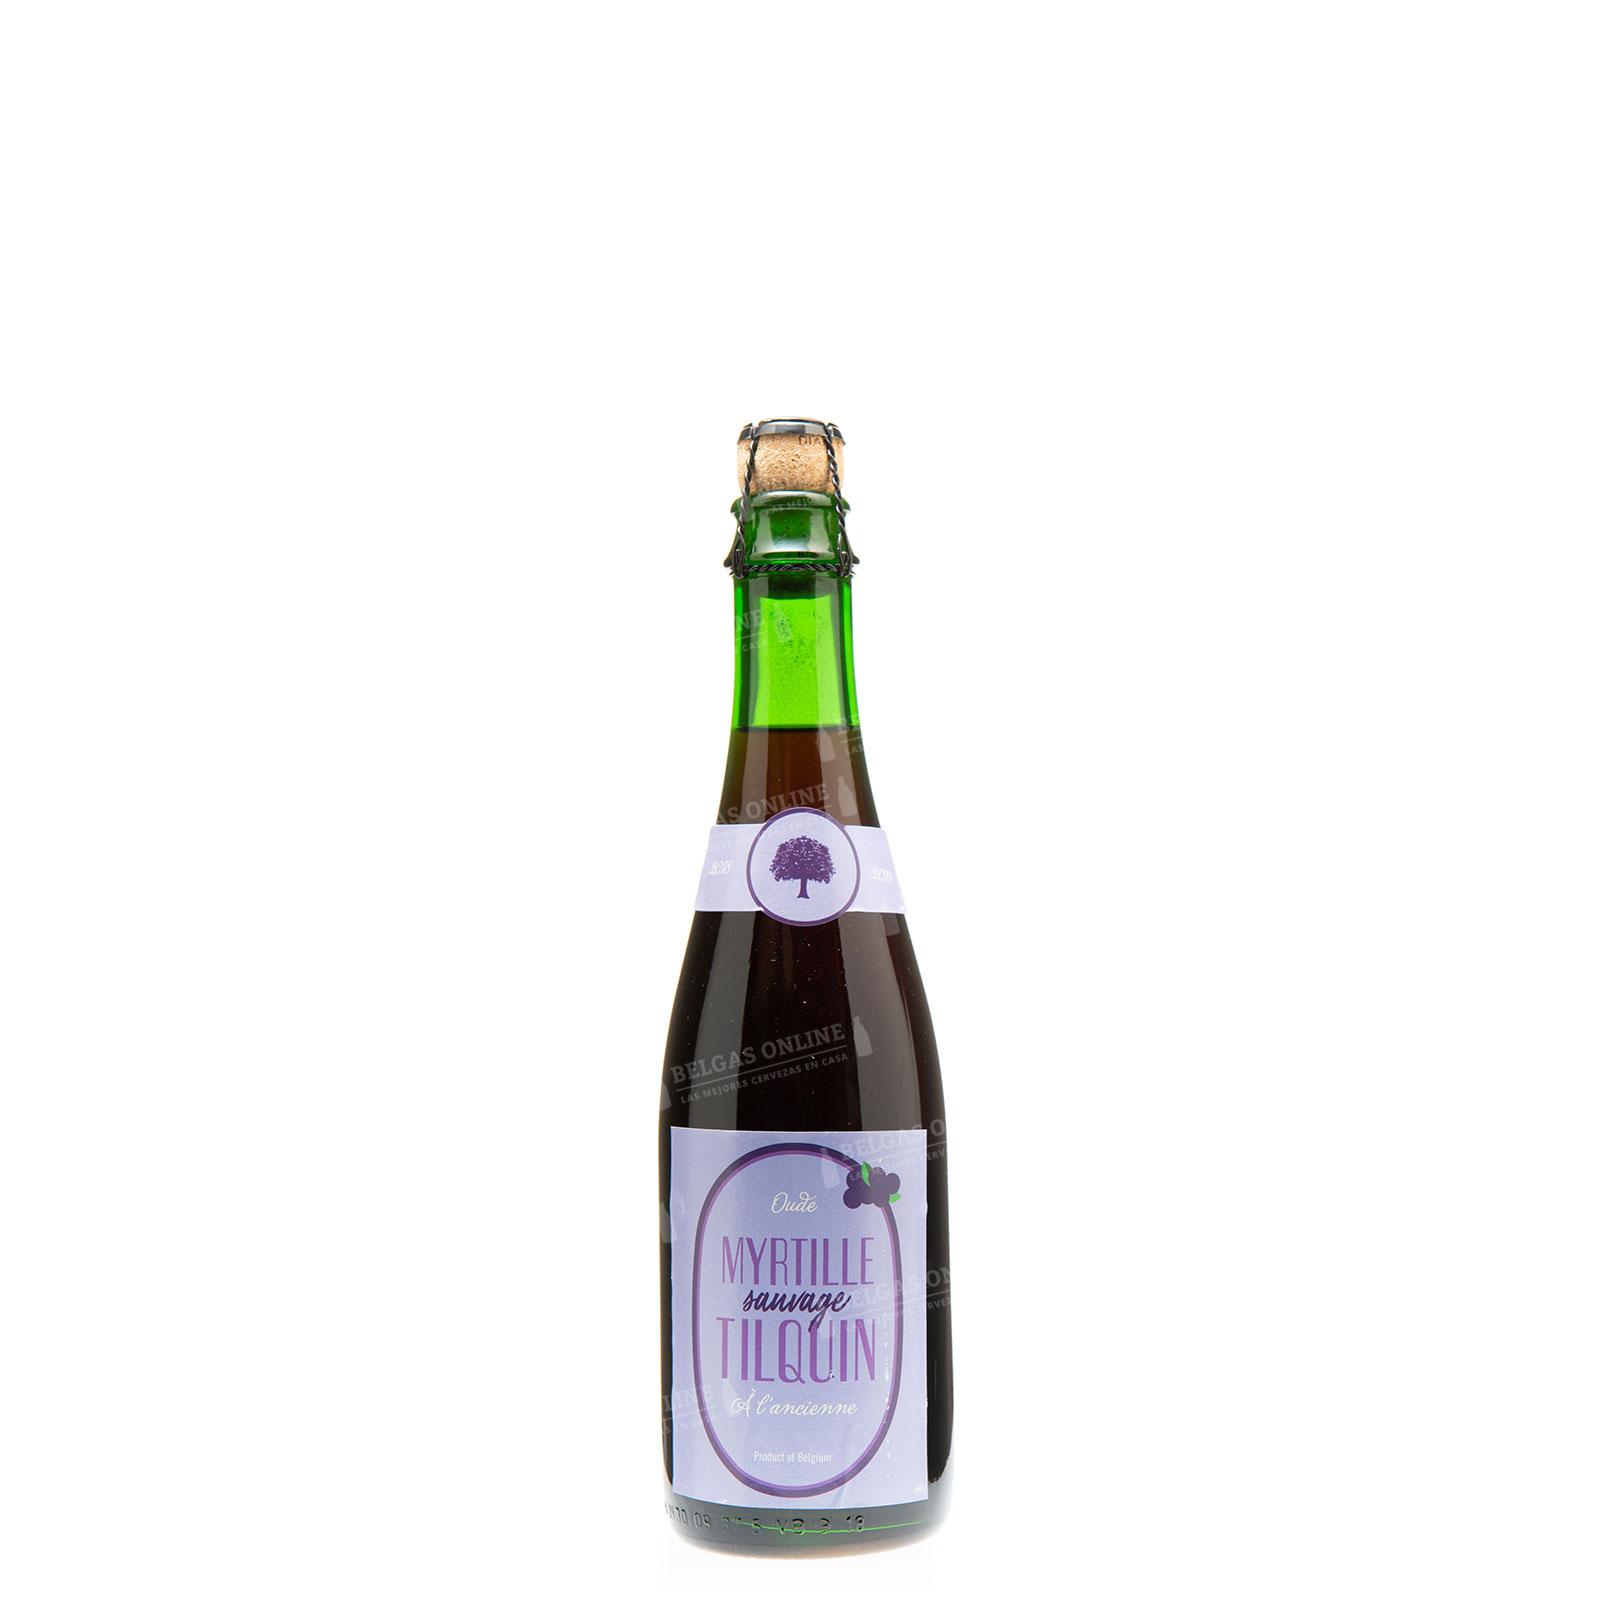 Tilquin Myrtille 37,5cl